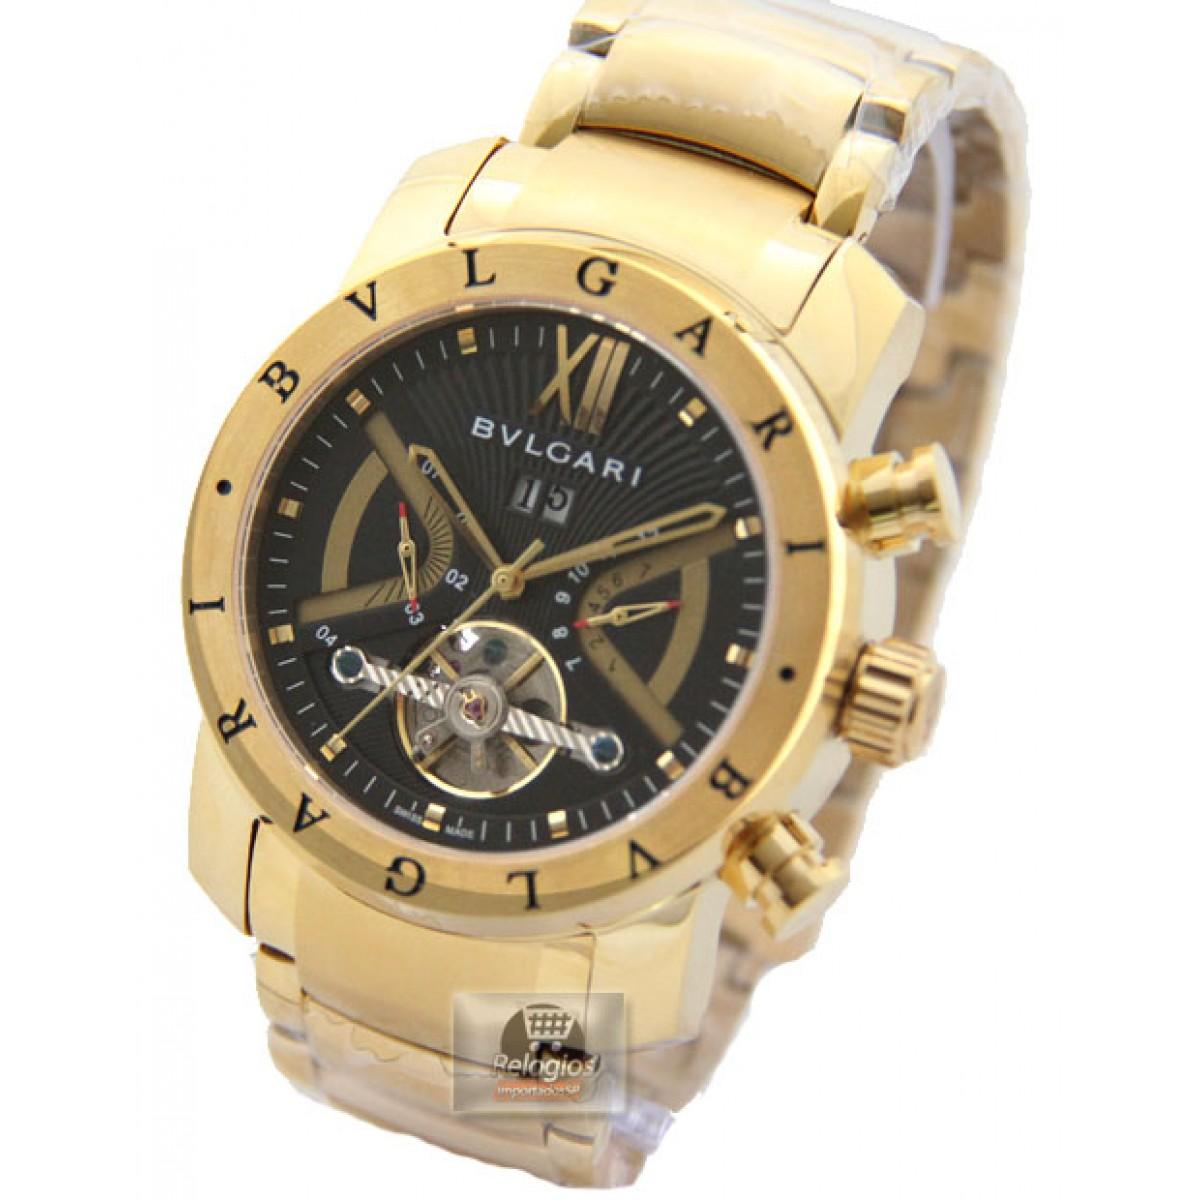 5df9a9f7ca8 ... Mercado Livre. Relogio Bvlgari. Relógio Réplica Bulgari Homem de Ferro  Preto Dourado Réplicas de Relógios Bulgari RELÓGIOS